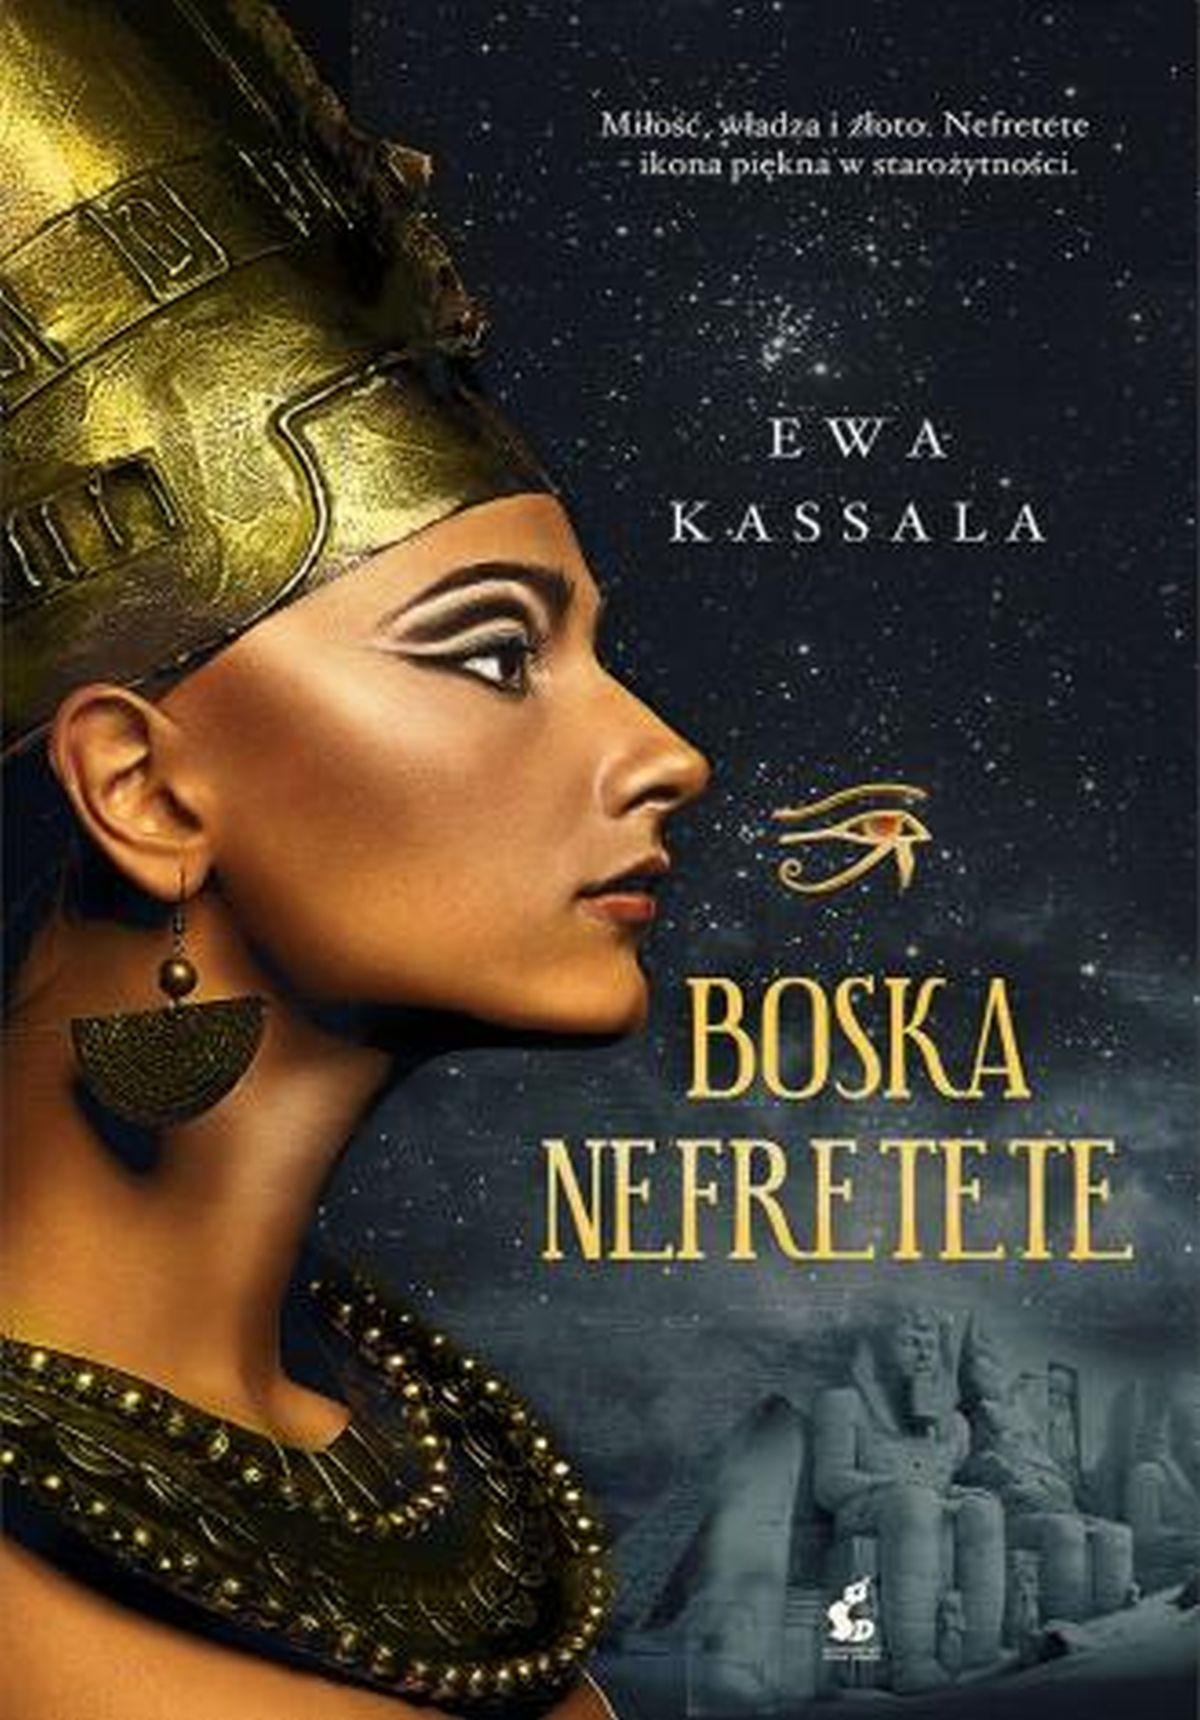 Boska Nefretete, Ewa Kassala